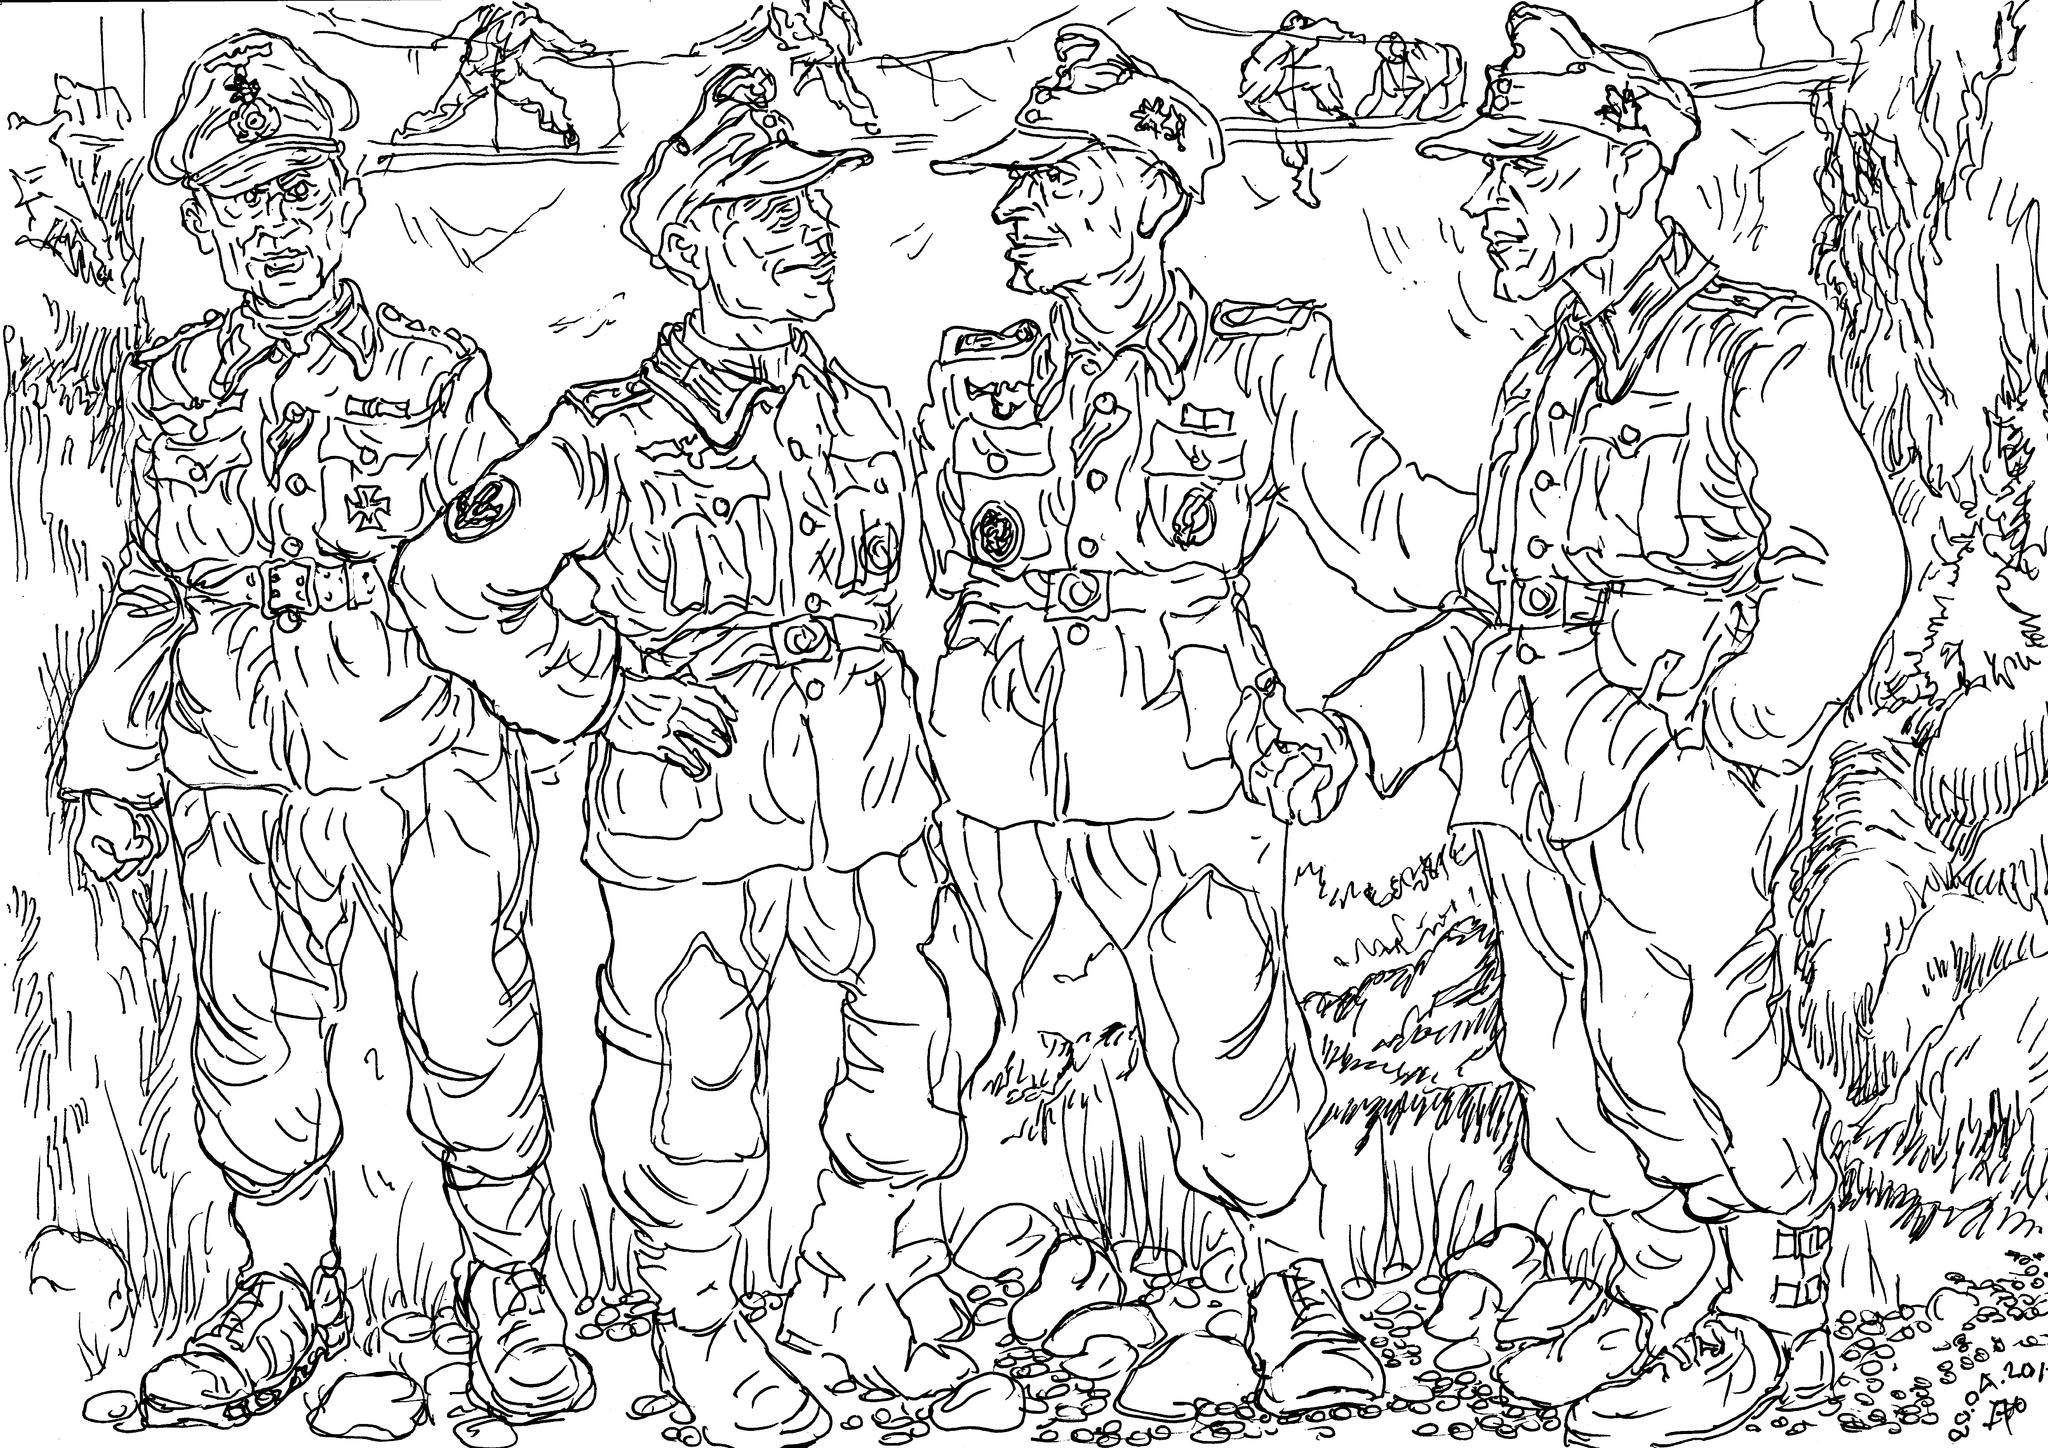 Горнострелковые части (Gebirgstruppe) по праву могут быть отнесены к элите германской армии